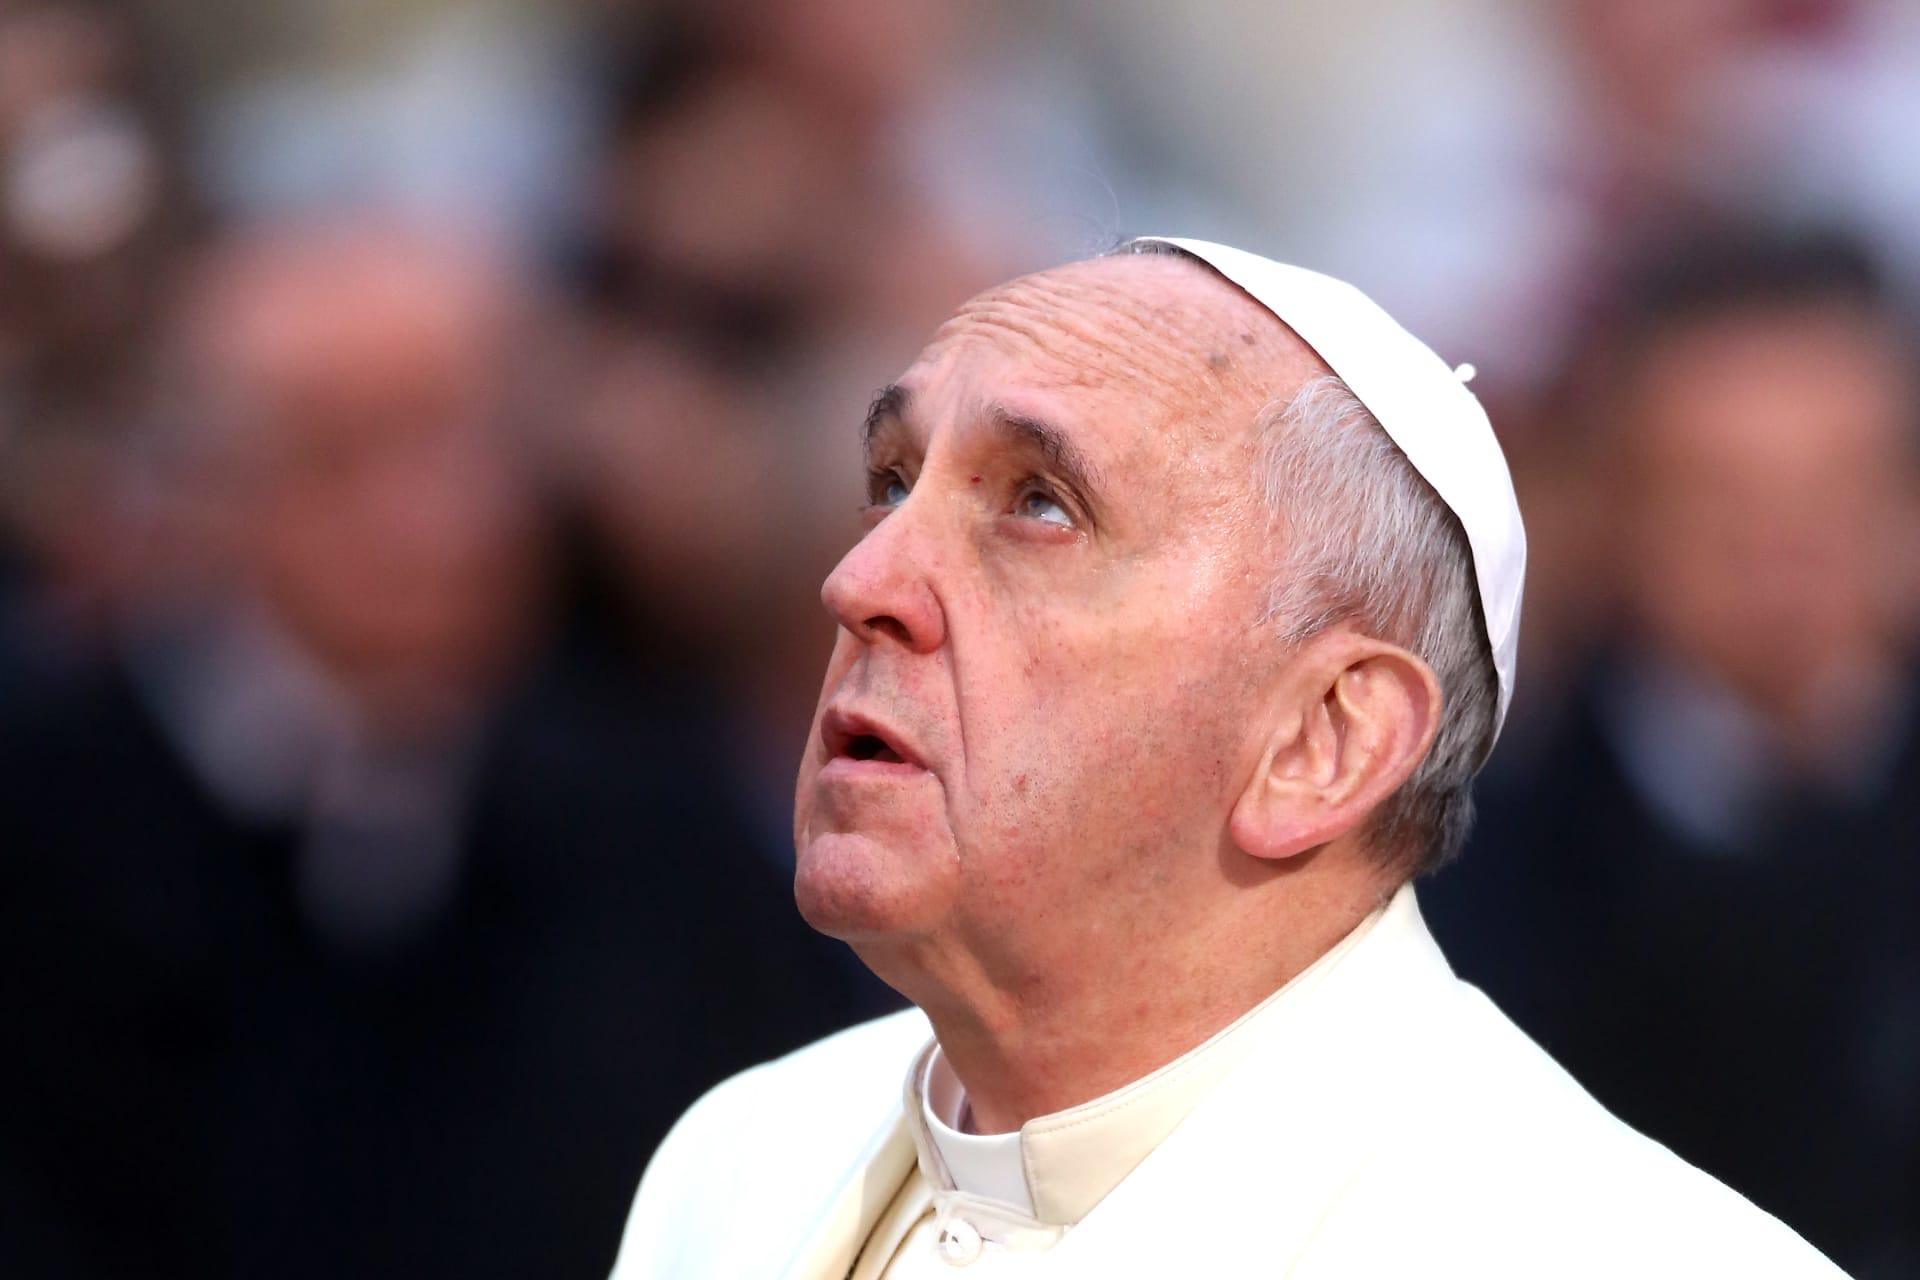 البابا فرانسيس: الكنيسة الكاثوليكية يجب أن تطلب المغفرة عن معاملتها للمثليين جنسيا